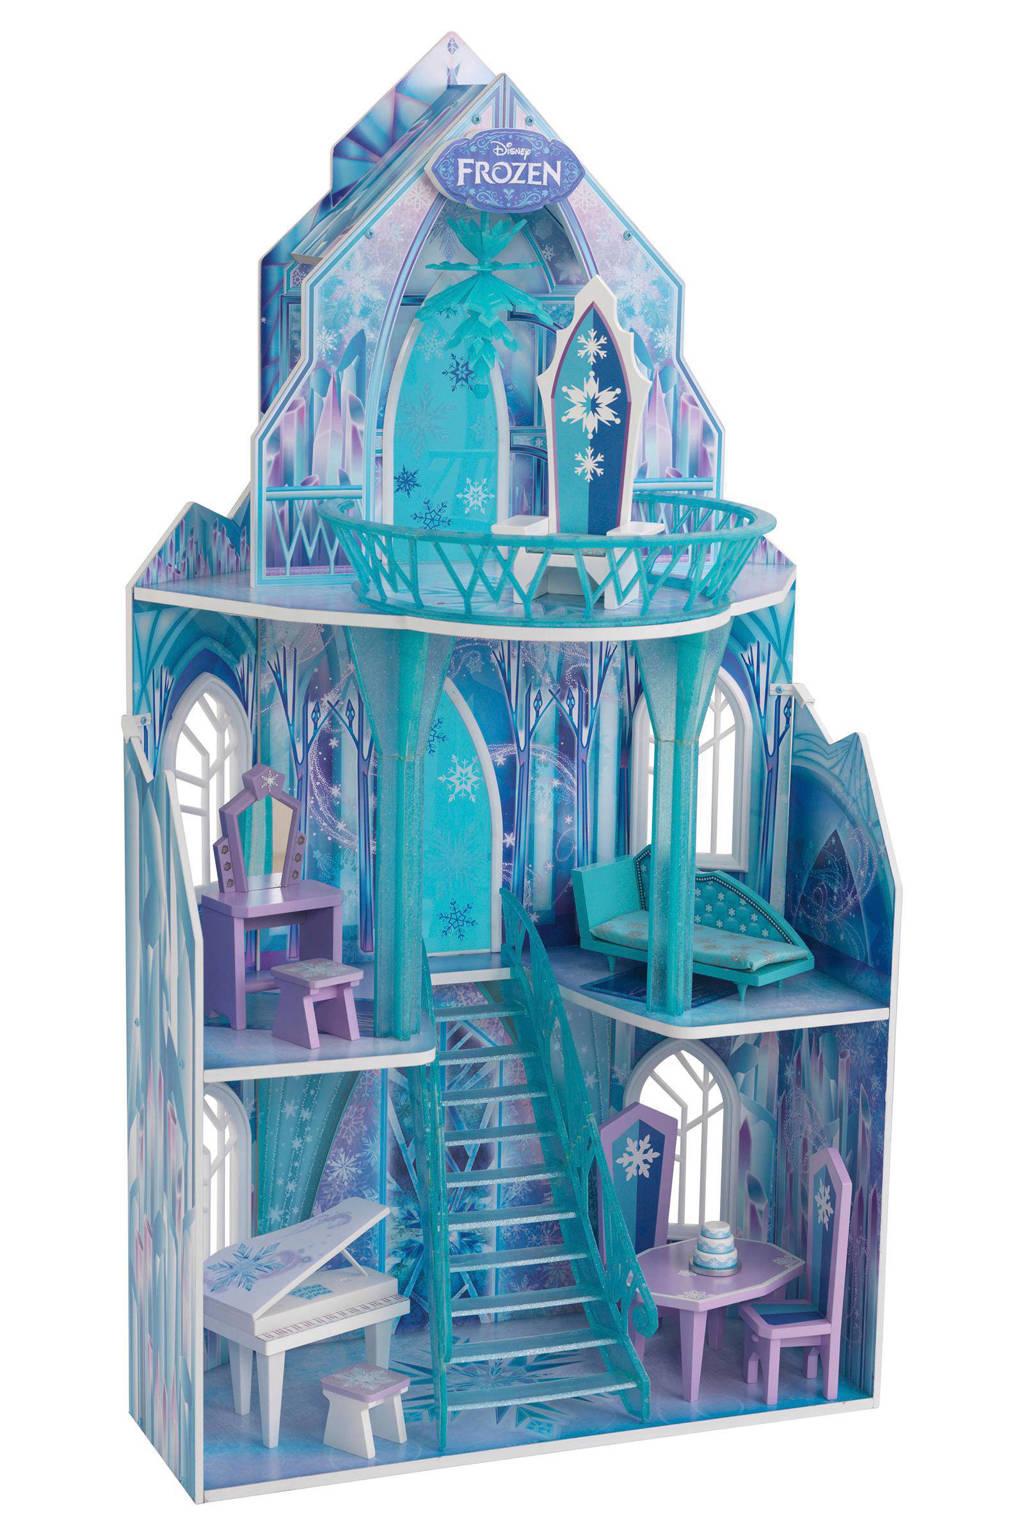 KidKraft Disney Frozen houten ijskasteel